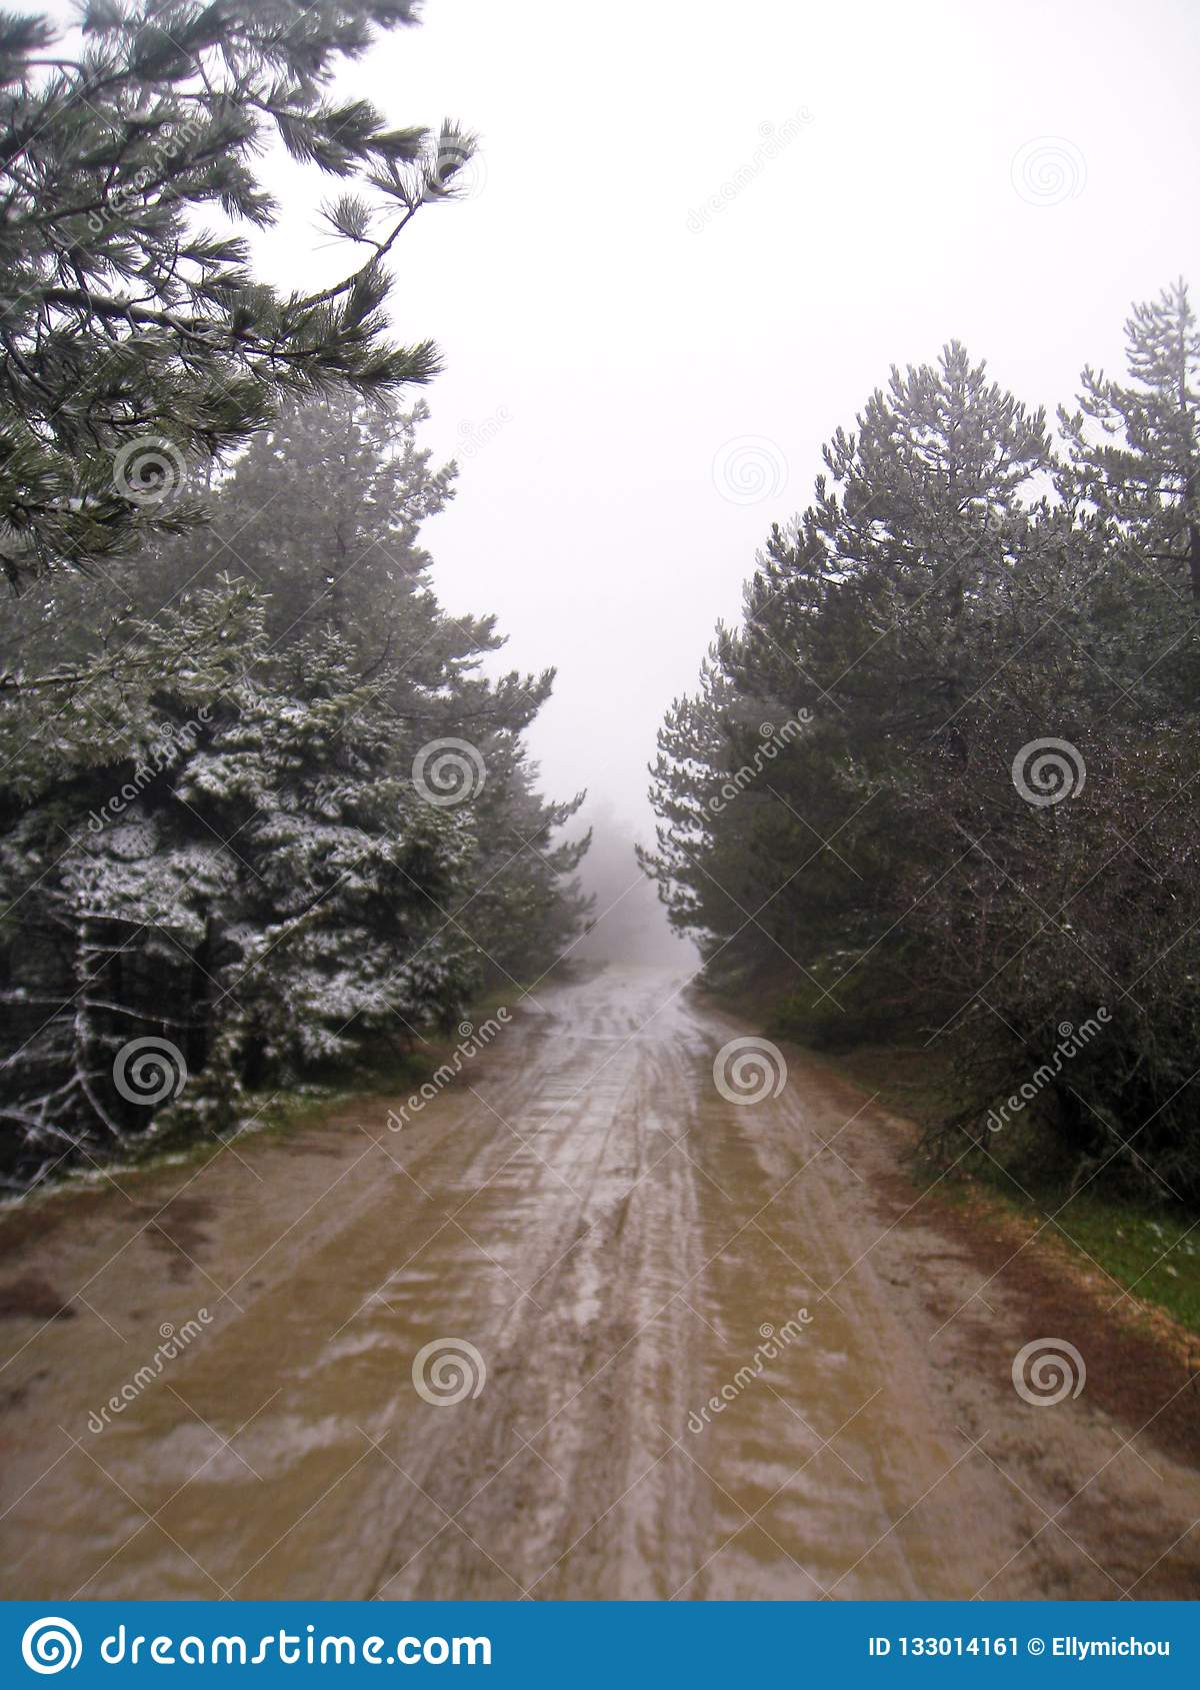 Грязная дорога с перспективой деревьев в тумане